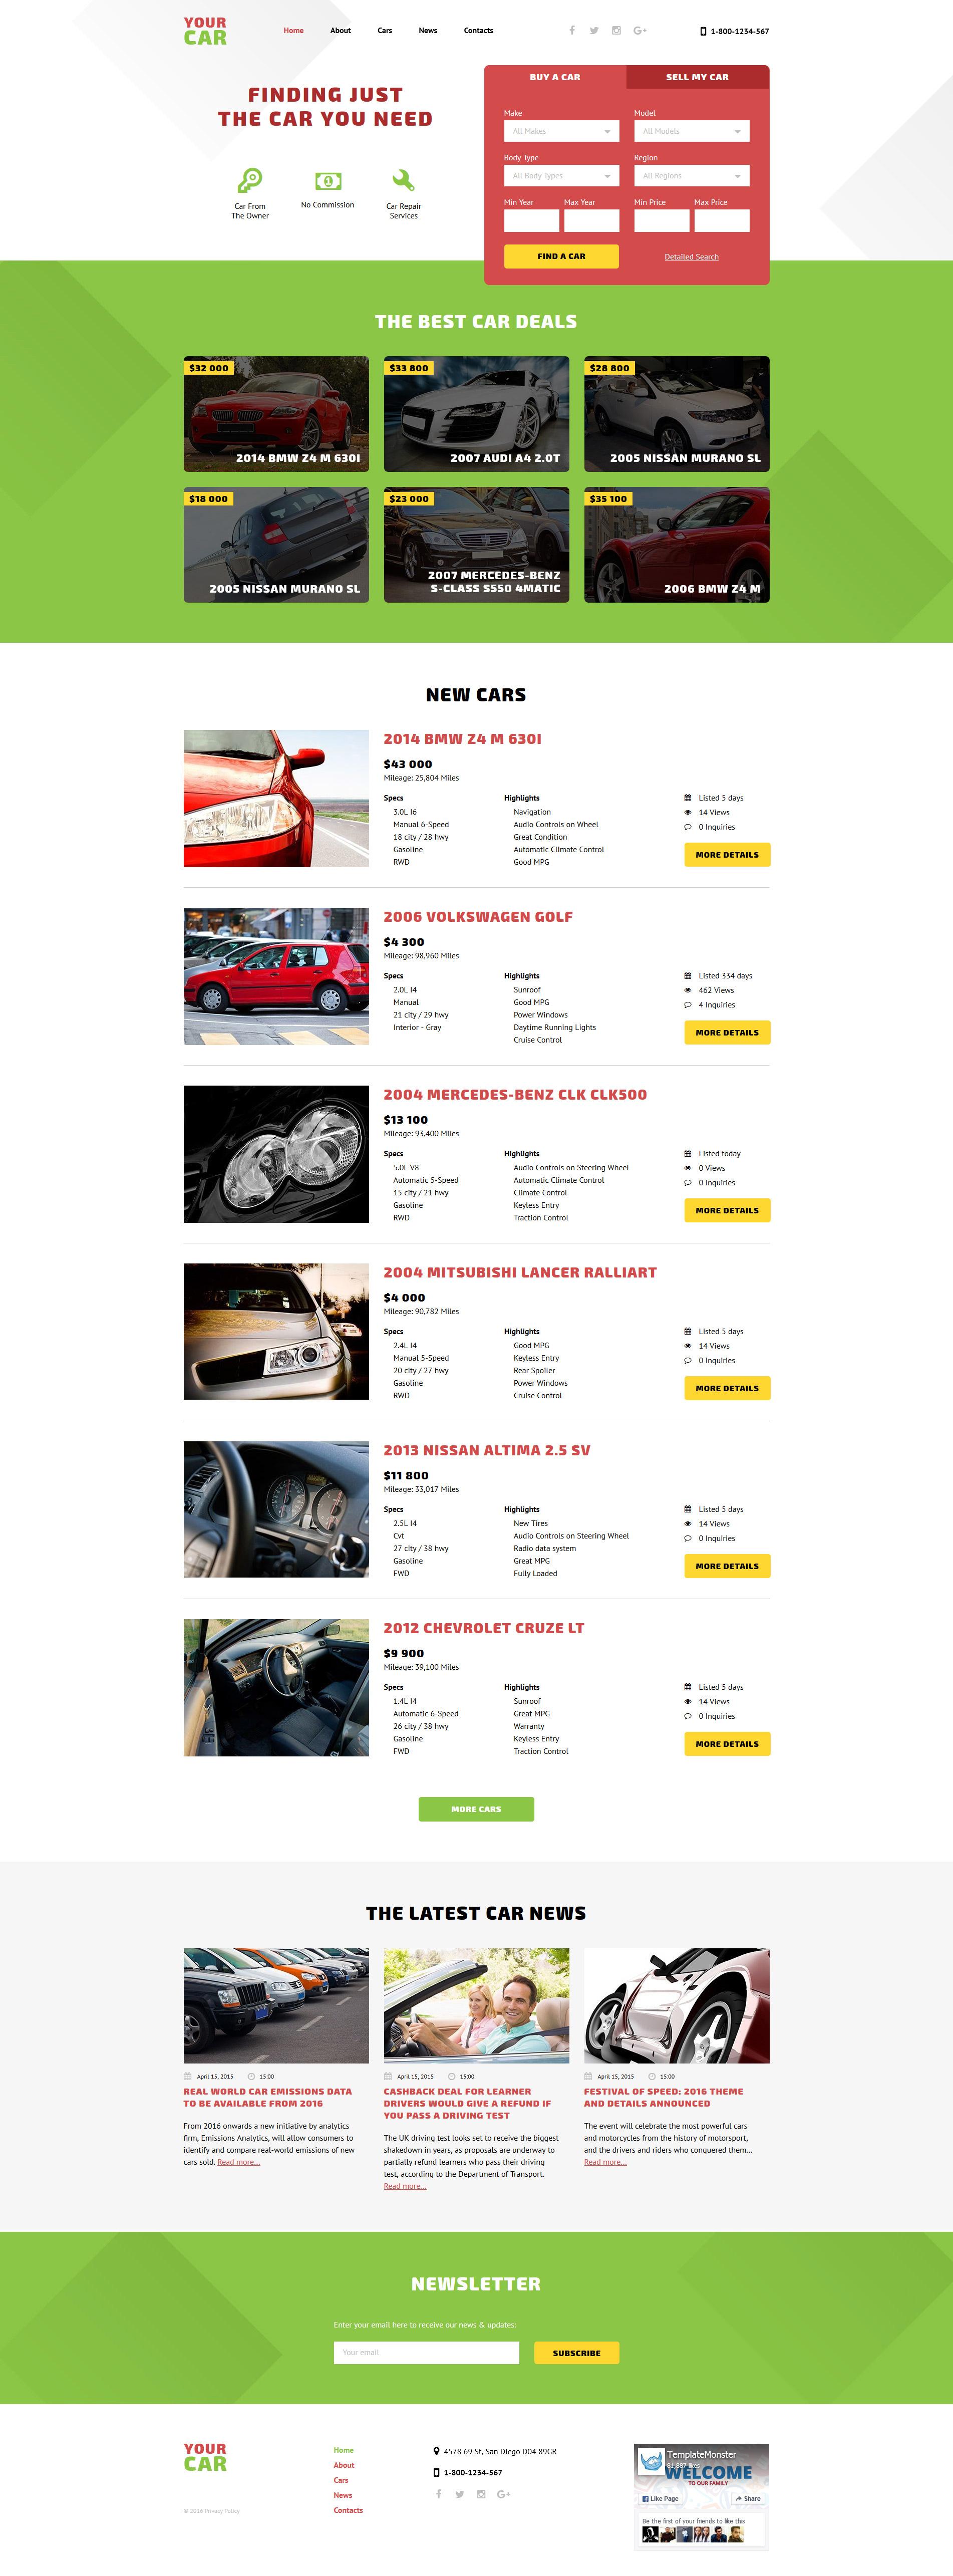 Ausgezeichnet Kundendienst Zertifikatvorlage Bilder - Entry Level ...